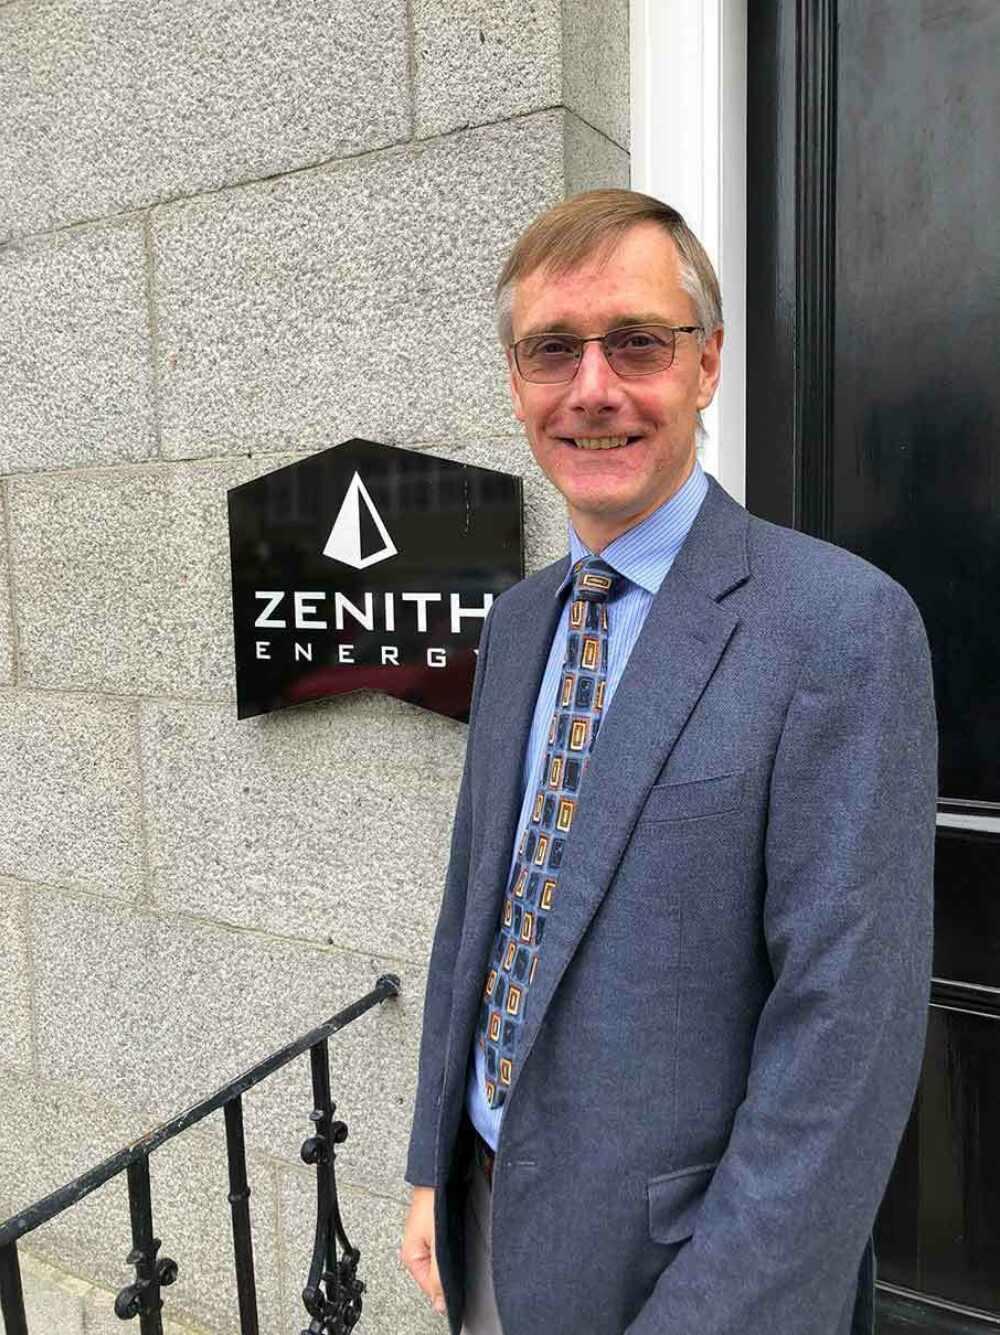 Zenith bolster management and wells team